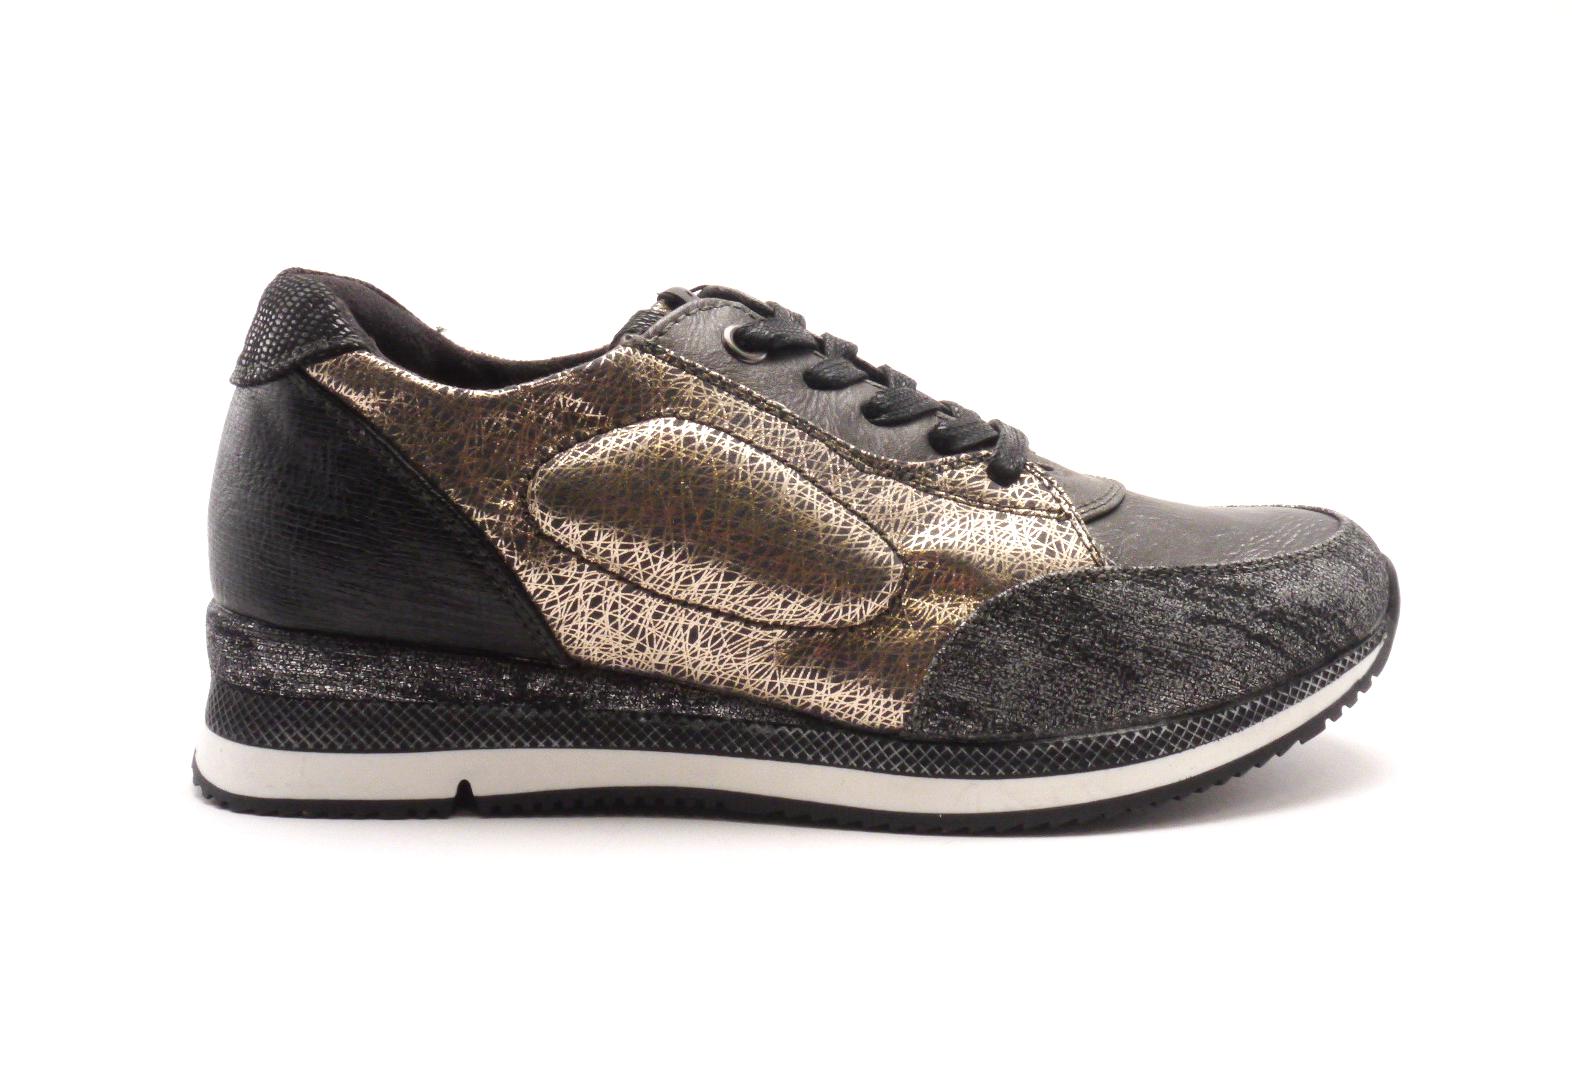 Marco Tozzi Dámská obuv 2-23713-27 Velikost: 42